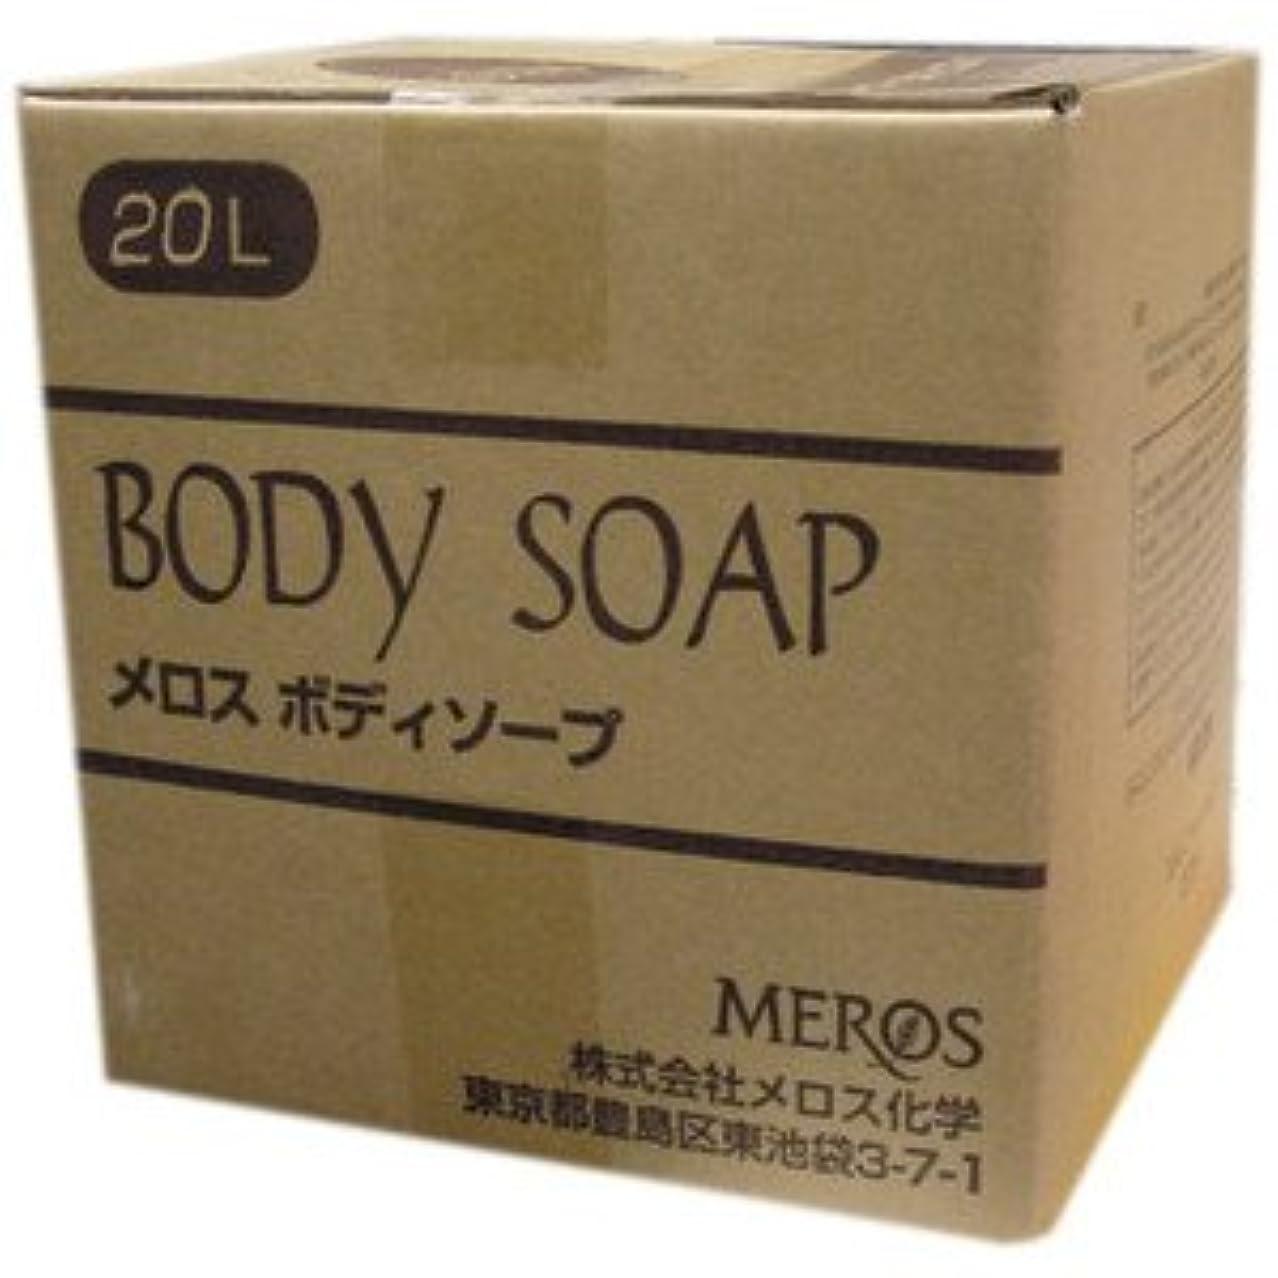 毛布ロマンチック教育メロス ボディソープ 業務用 20L / 詰め替え (メロス化学) 業務用ボディソープ